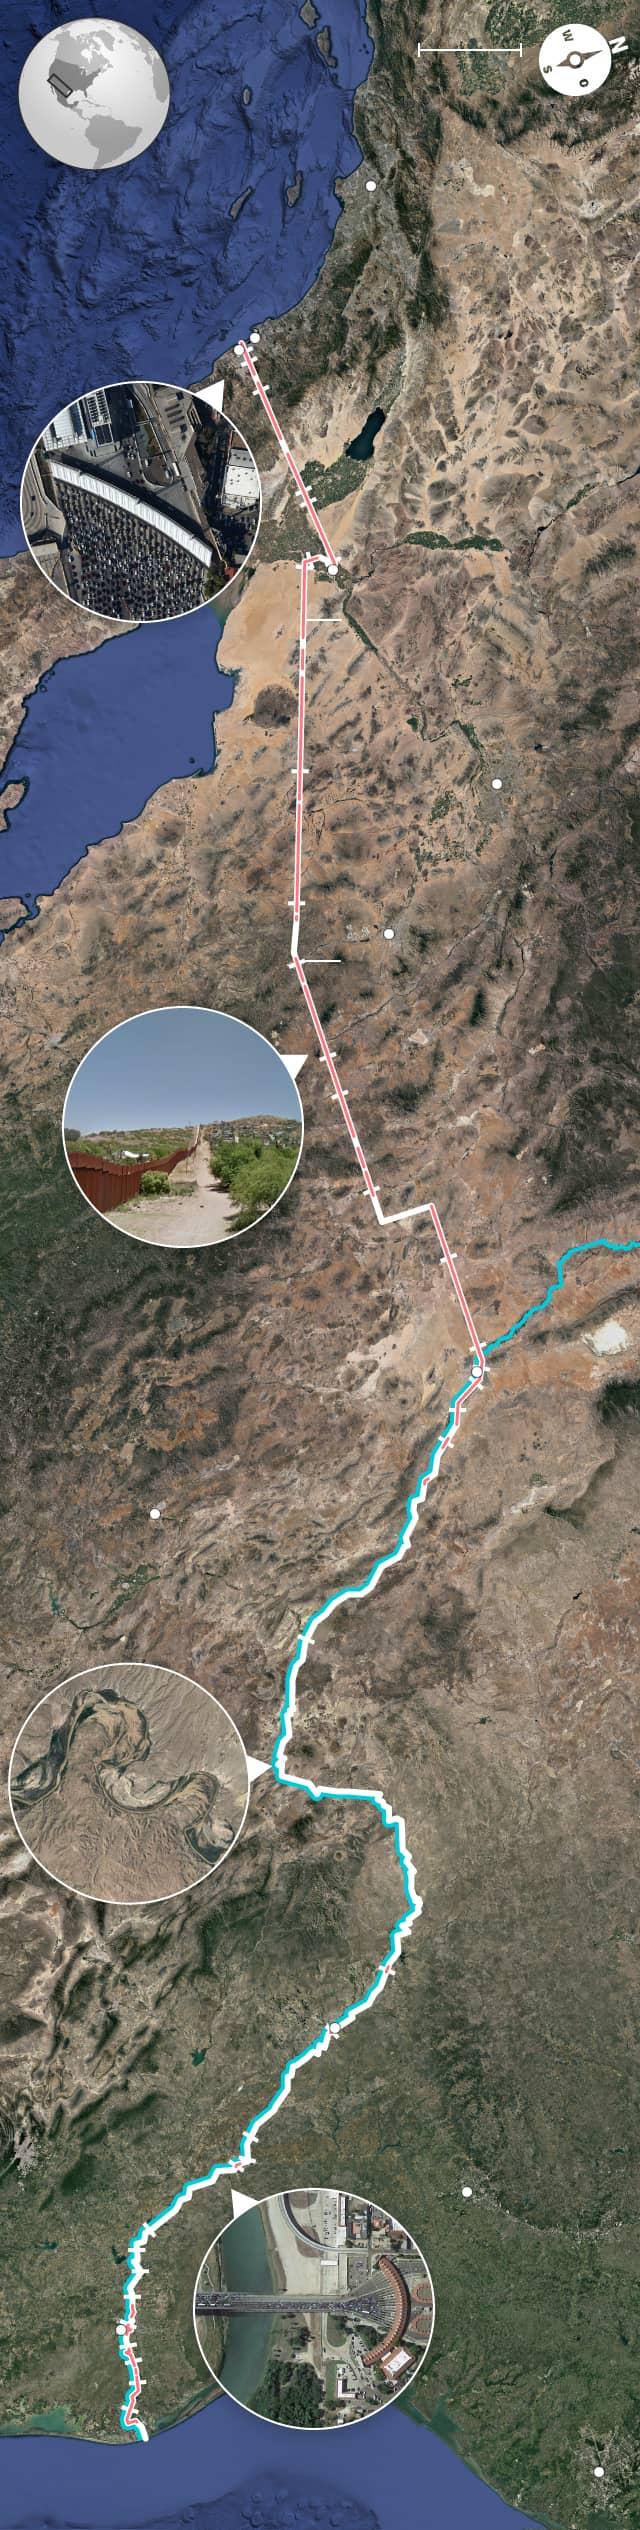 Grenze Usa Mexiko